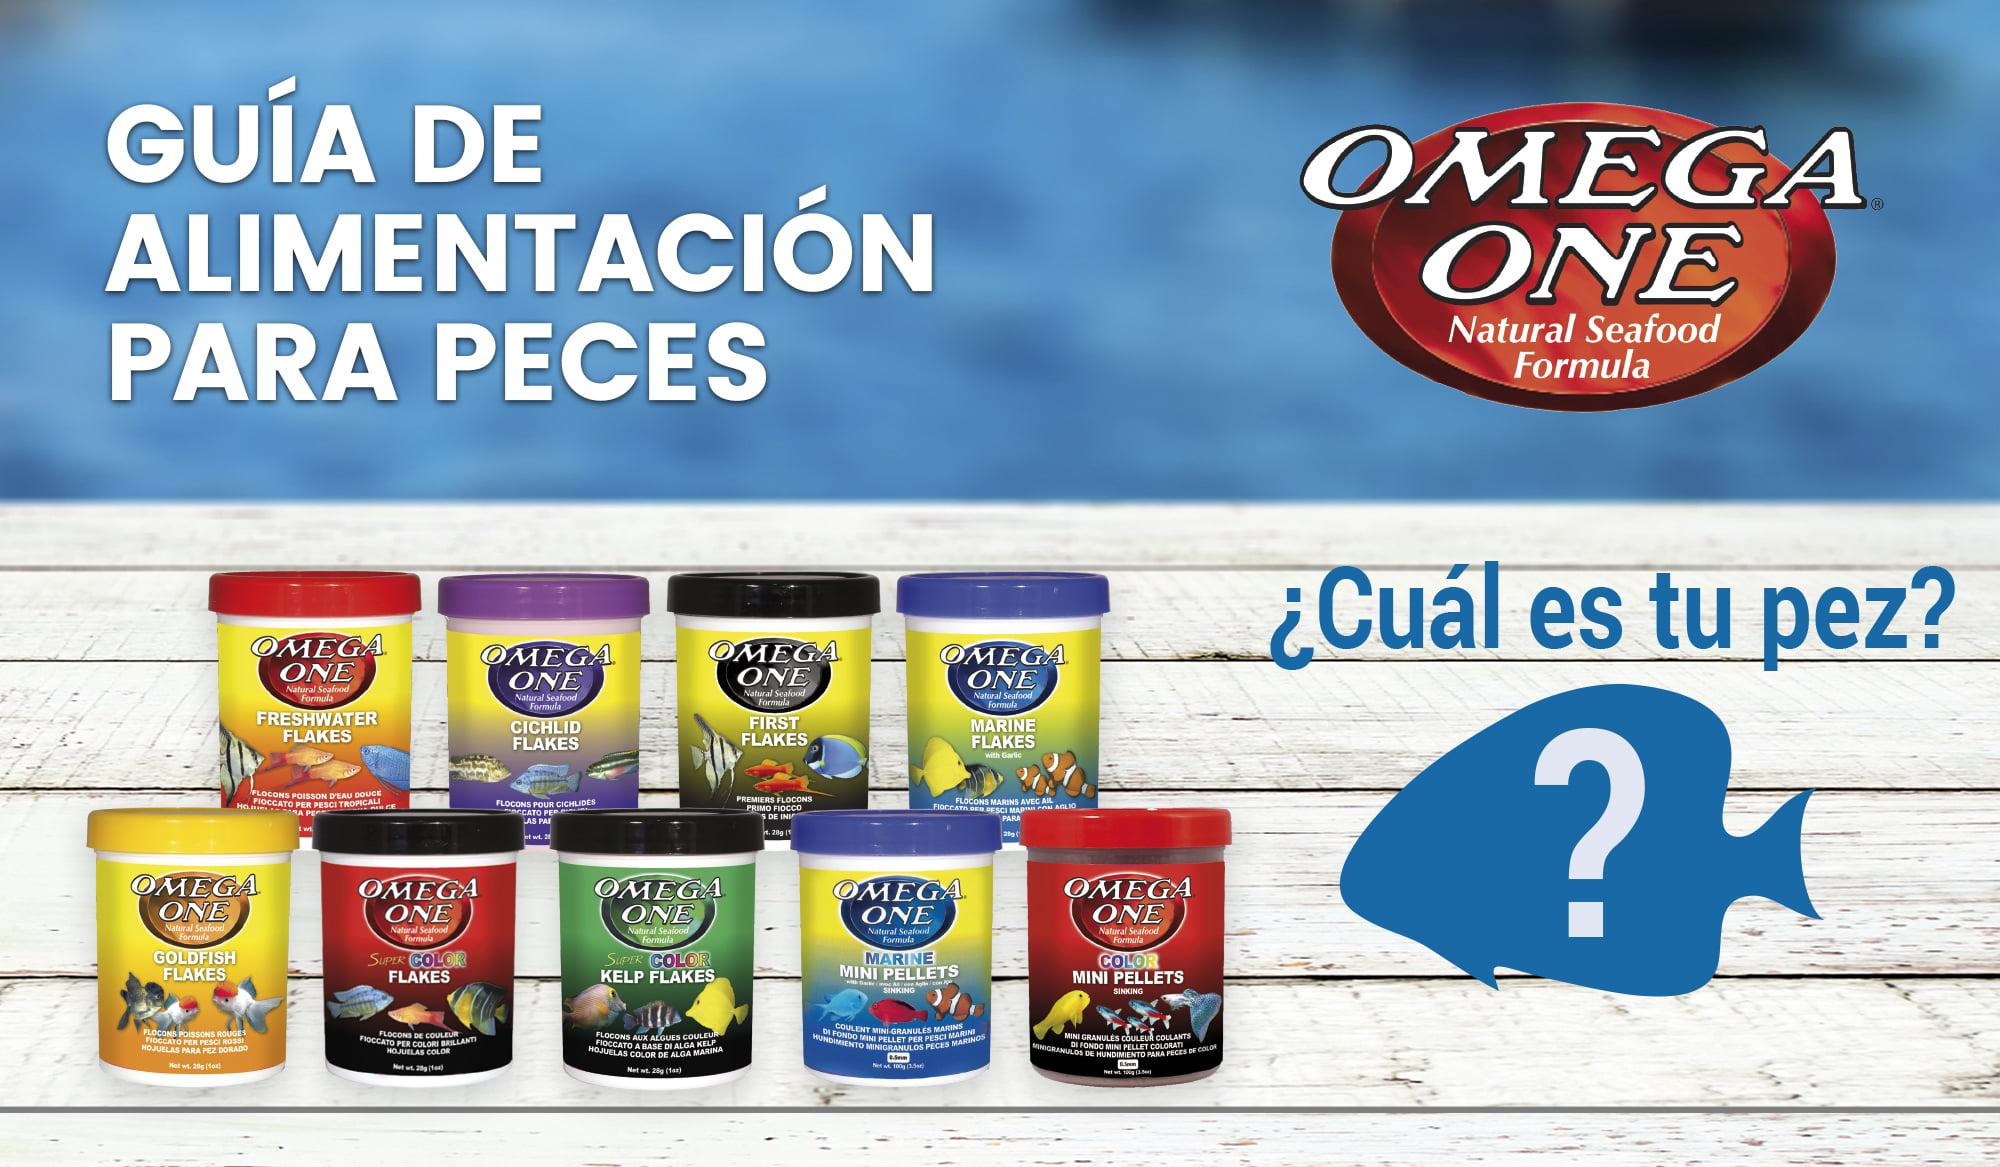 Guía de alimentación para peces Omega One